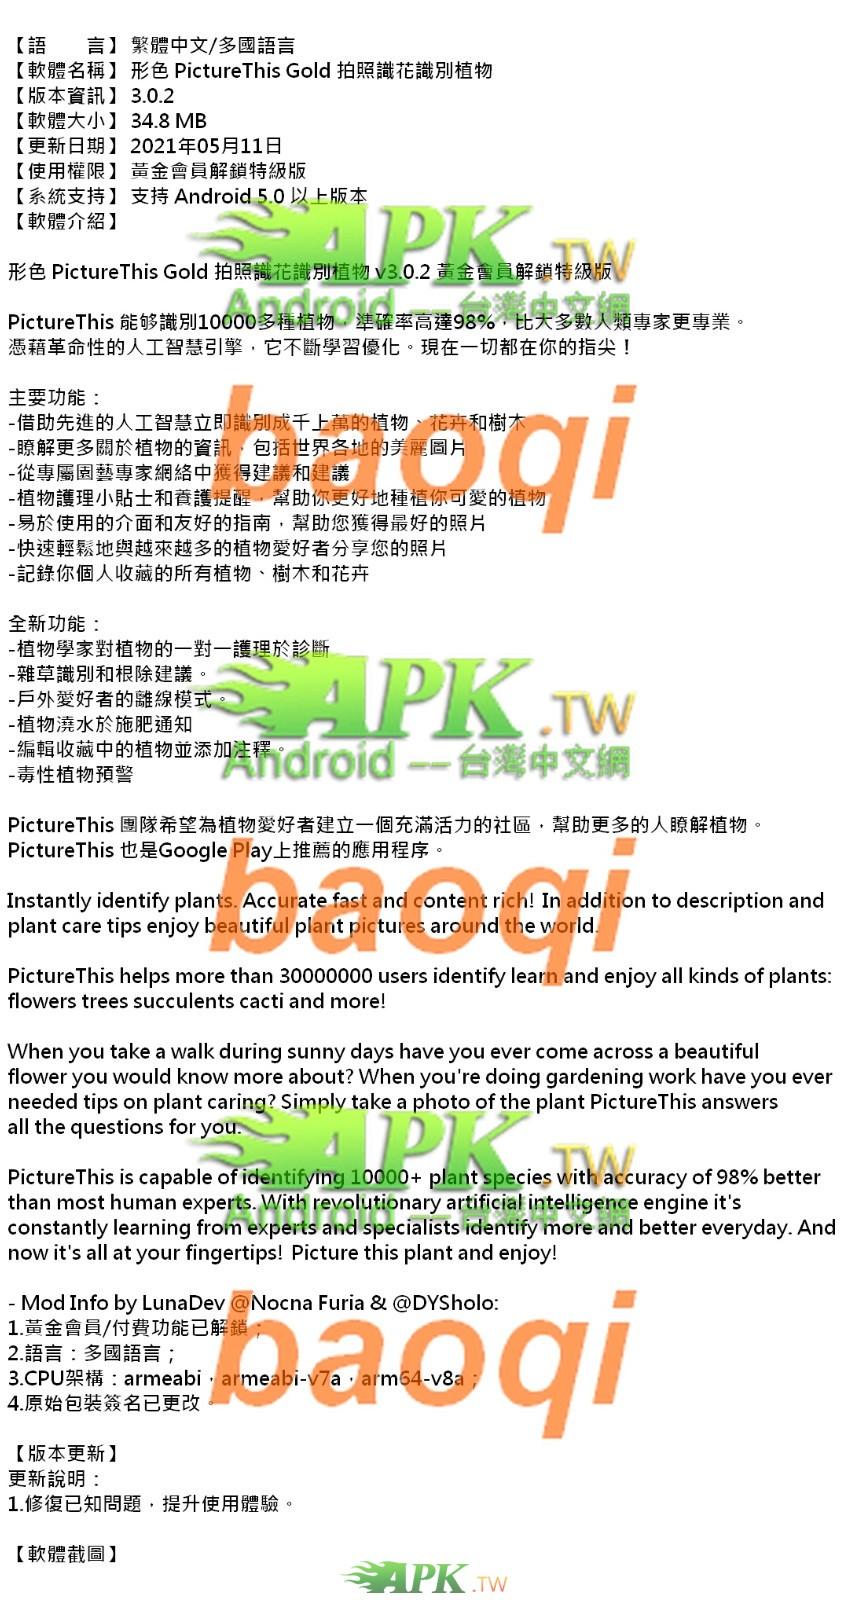 PictureThis_Premium_3.0.2_.jpg